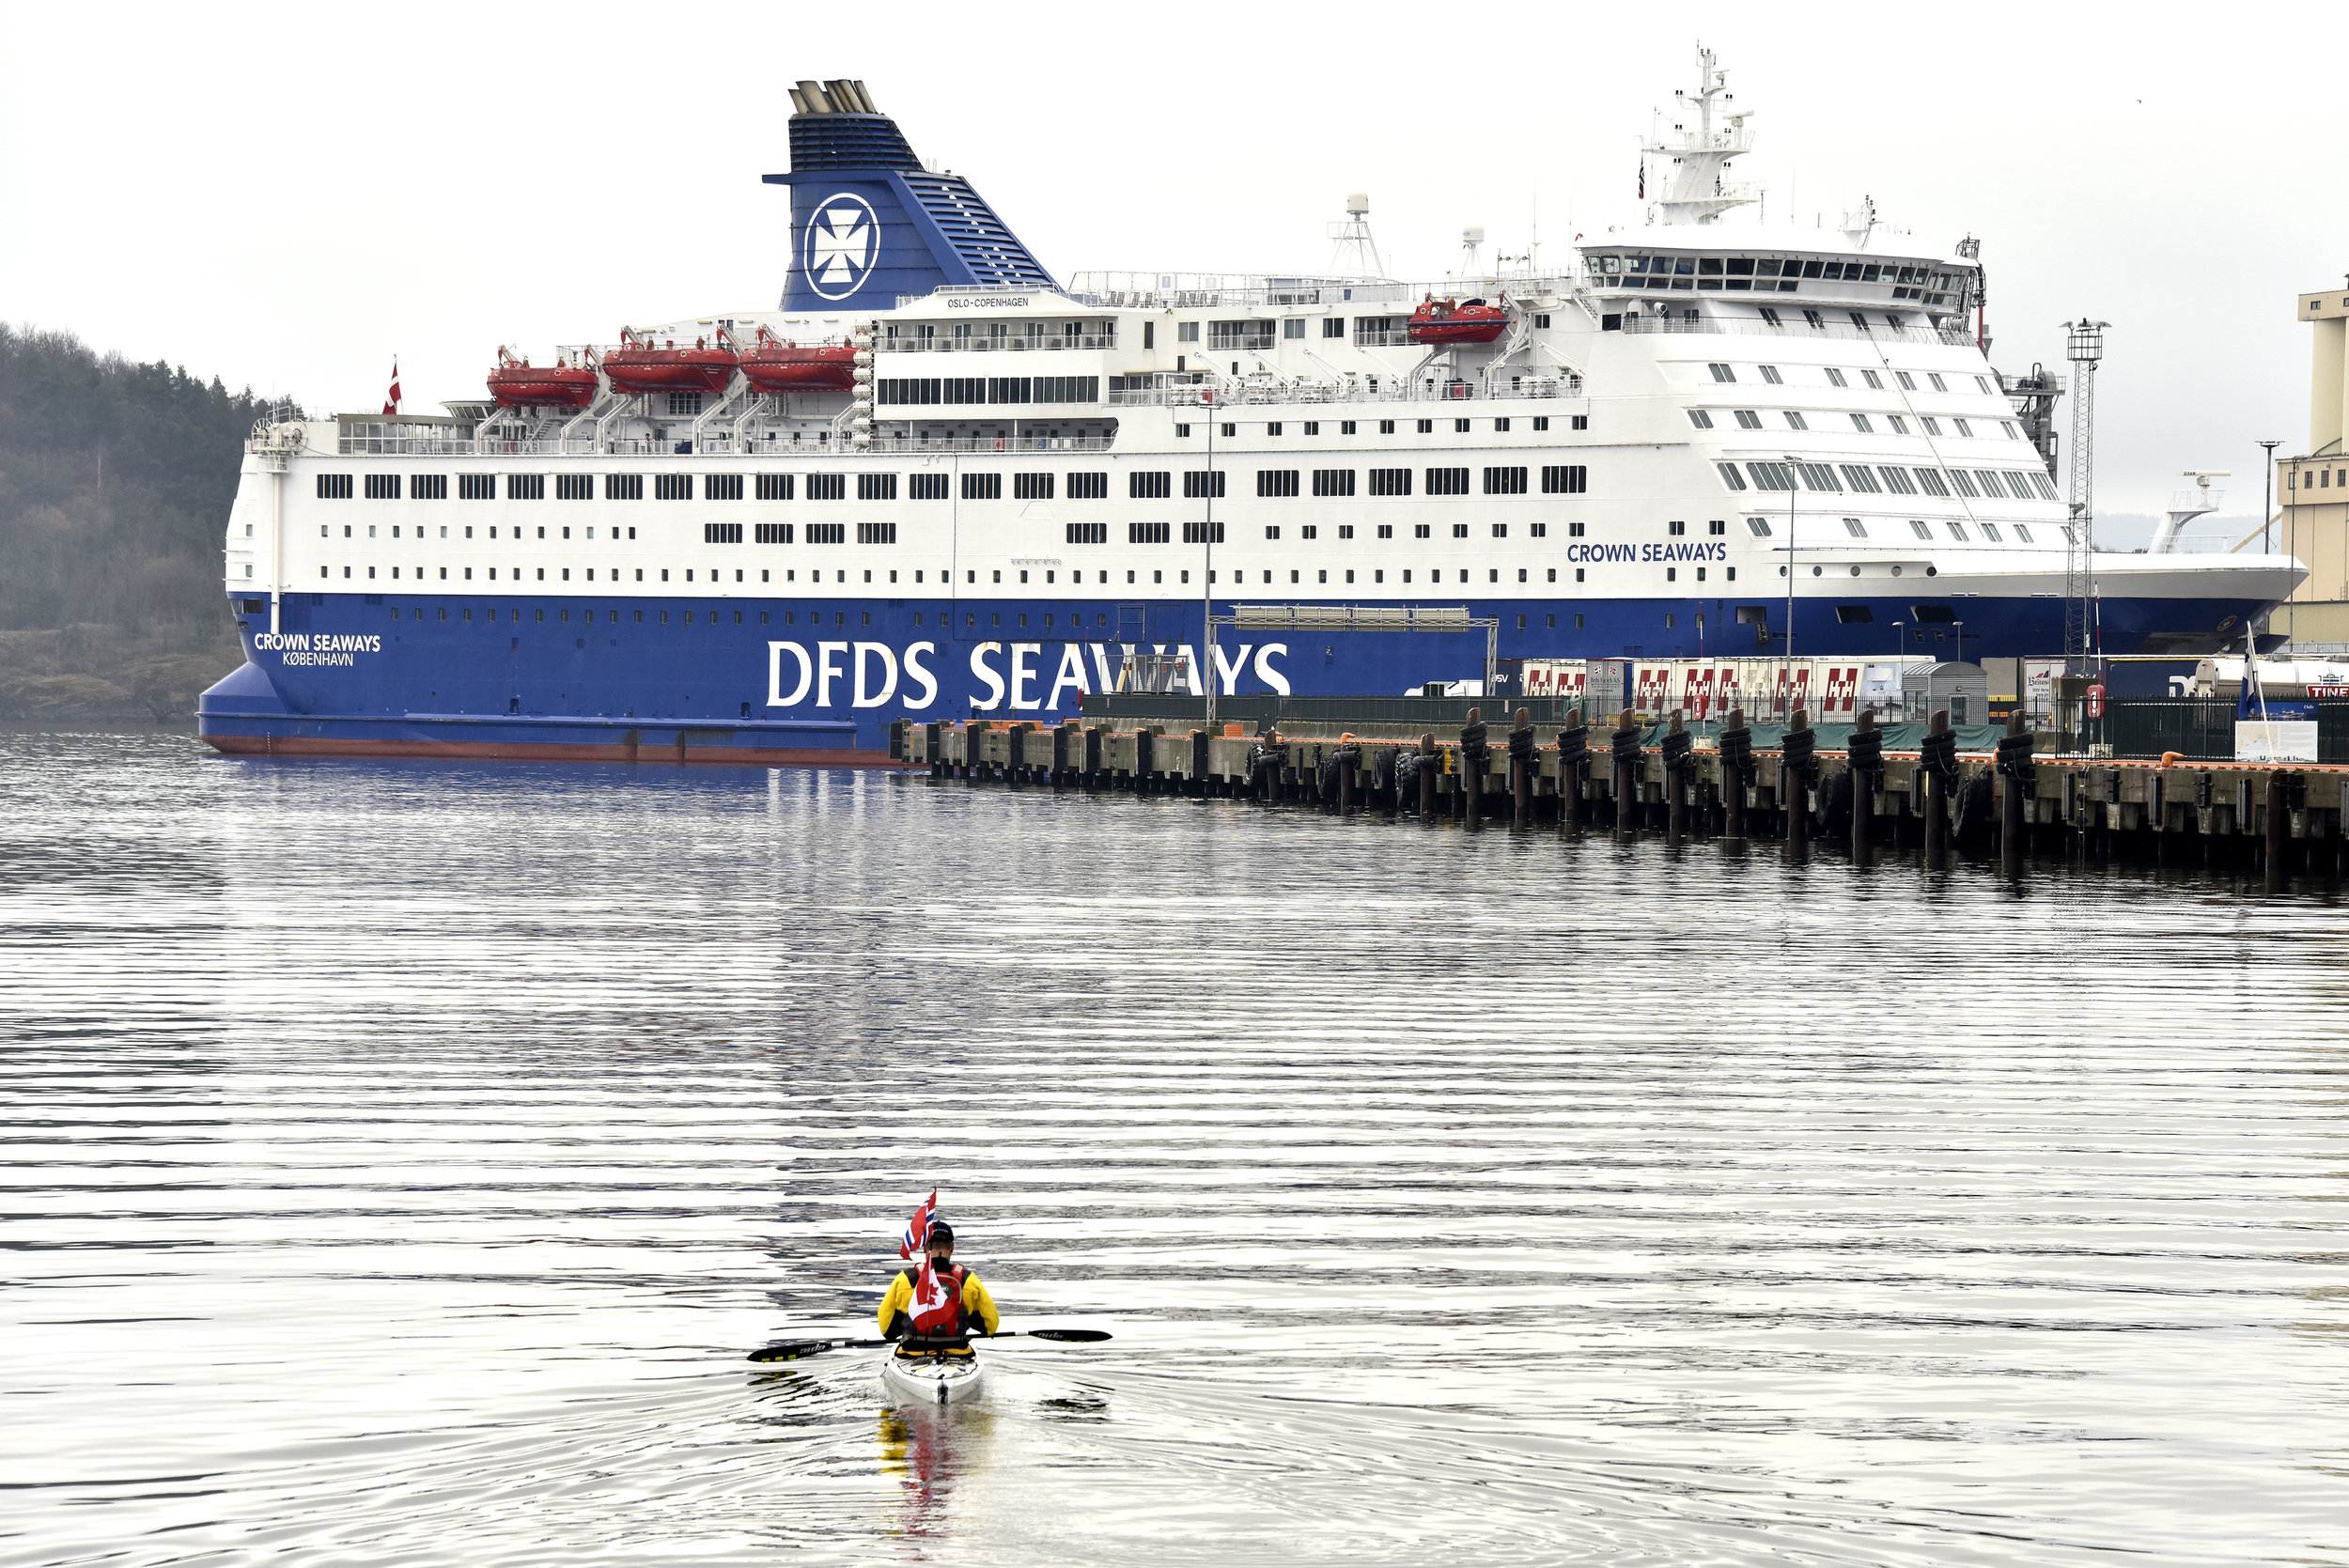 """Norwegian song that says """" Min båt er så liten og havet så stor"""" (my boat is so small and the ocean so large)"""